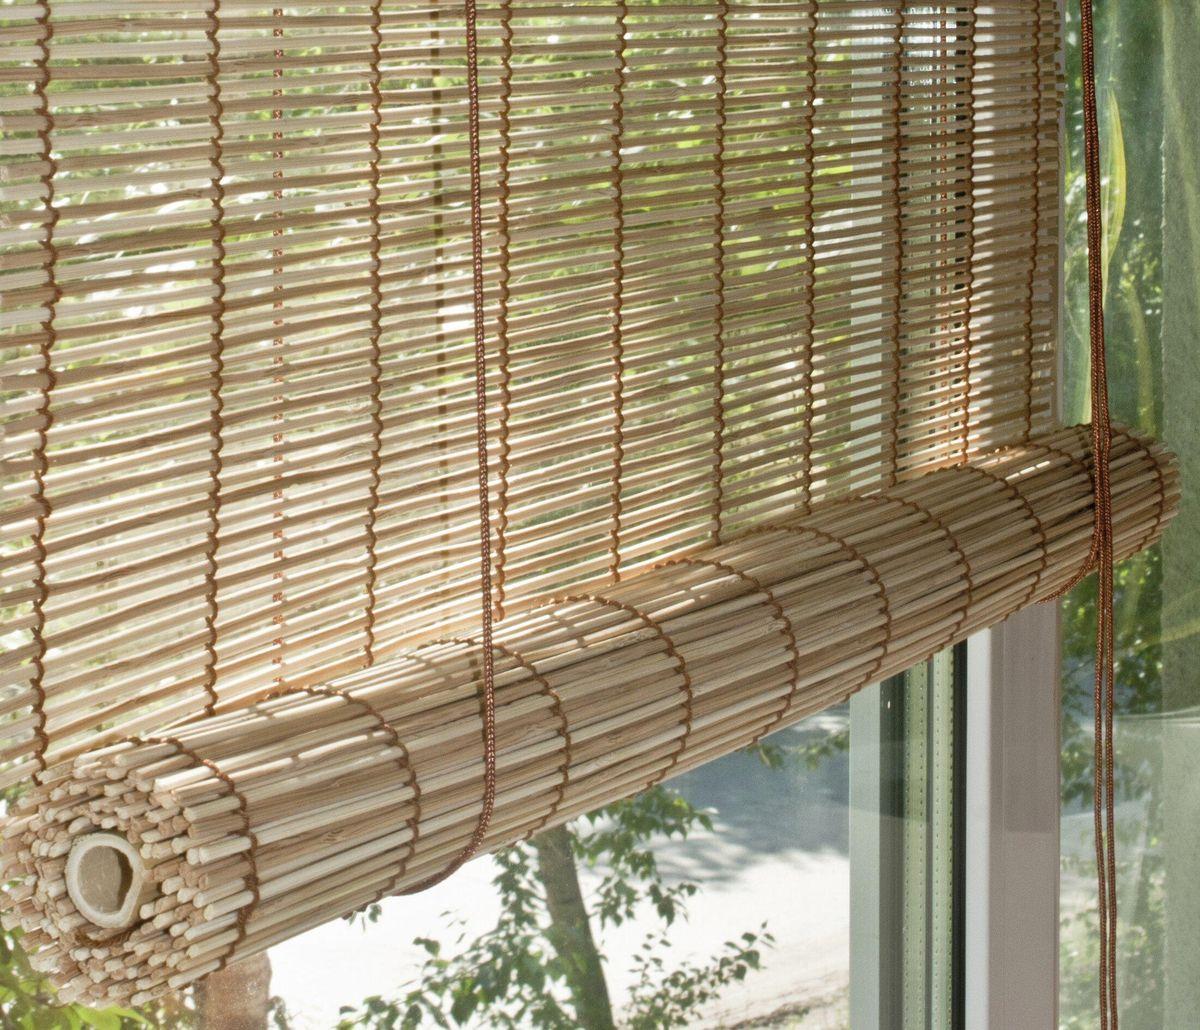 Штора рулонная Эскар Бамбук, цвет: натуральный микс, ширина 160 см, высота 160 см71909160180При оформлении интерьера современных помещений многие отдают предпочтение природным материалам. Бамбуковые рулонные шторы – одно из натуральных изделий, способное сделать атмосферу помещения более уютной и в то же время необычной. Свойства бамбука уникальны: он экологически чист, так как быстро вырастает, благодаря чему не успевает накопить вредные вещества из окружающей среды. Кроме того, растение обладает противомикробным и антибактериальным действием. Занавеси из бамбука безопасно использовать в помещениях, где находятся новорожденные дети и люди, склонные к аллергии. Они незаменимы для тех, кто заботится о своем здоровье и уделяет внимание высокому уровню жизни.